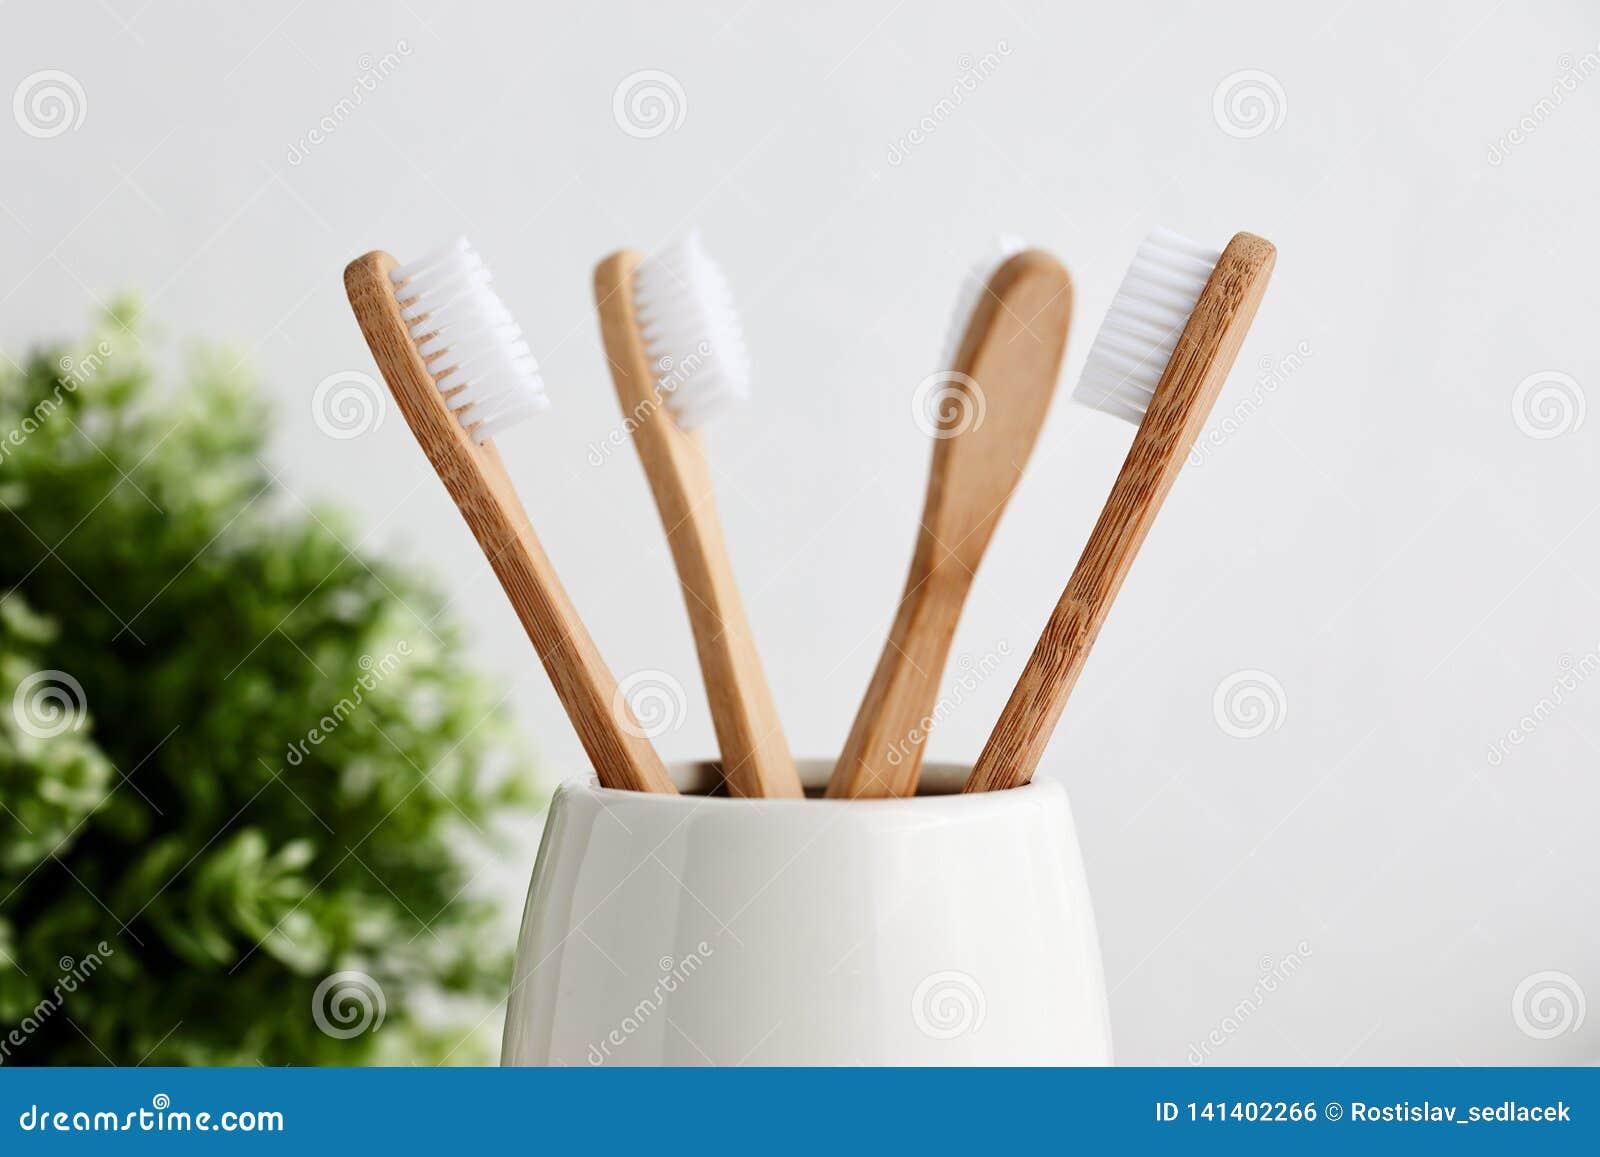 在灰色玻璃的四把竹牙刷